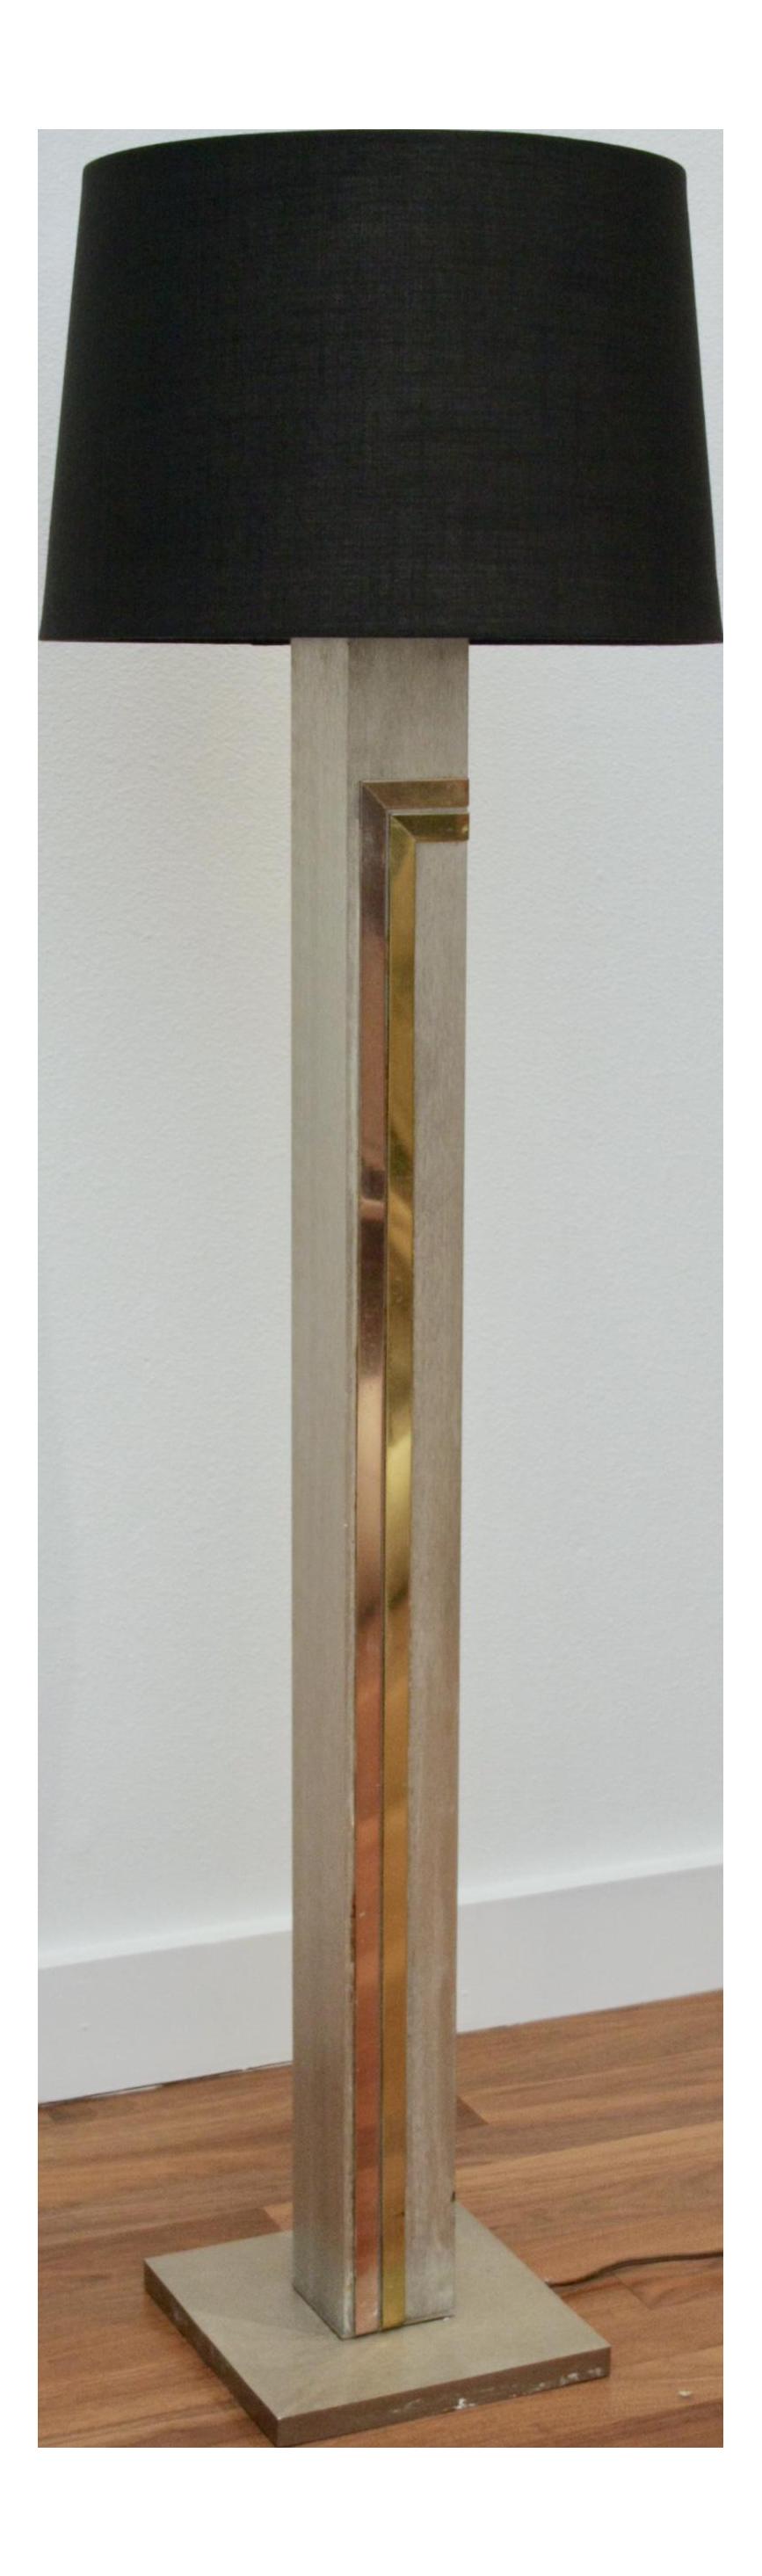 1970u0027s Pierre Cardin For Laurel Floor Brass U0026 Copper Accents Lamp